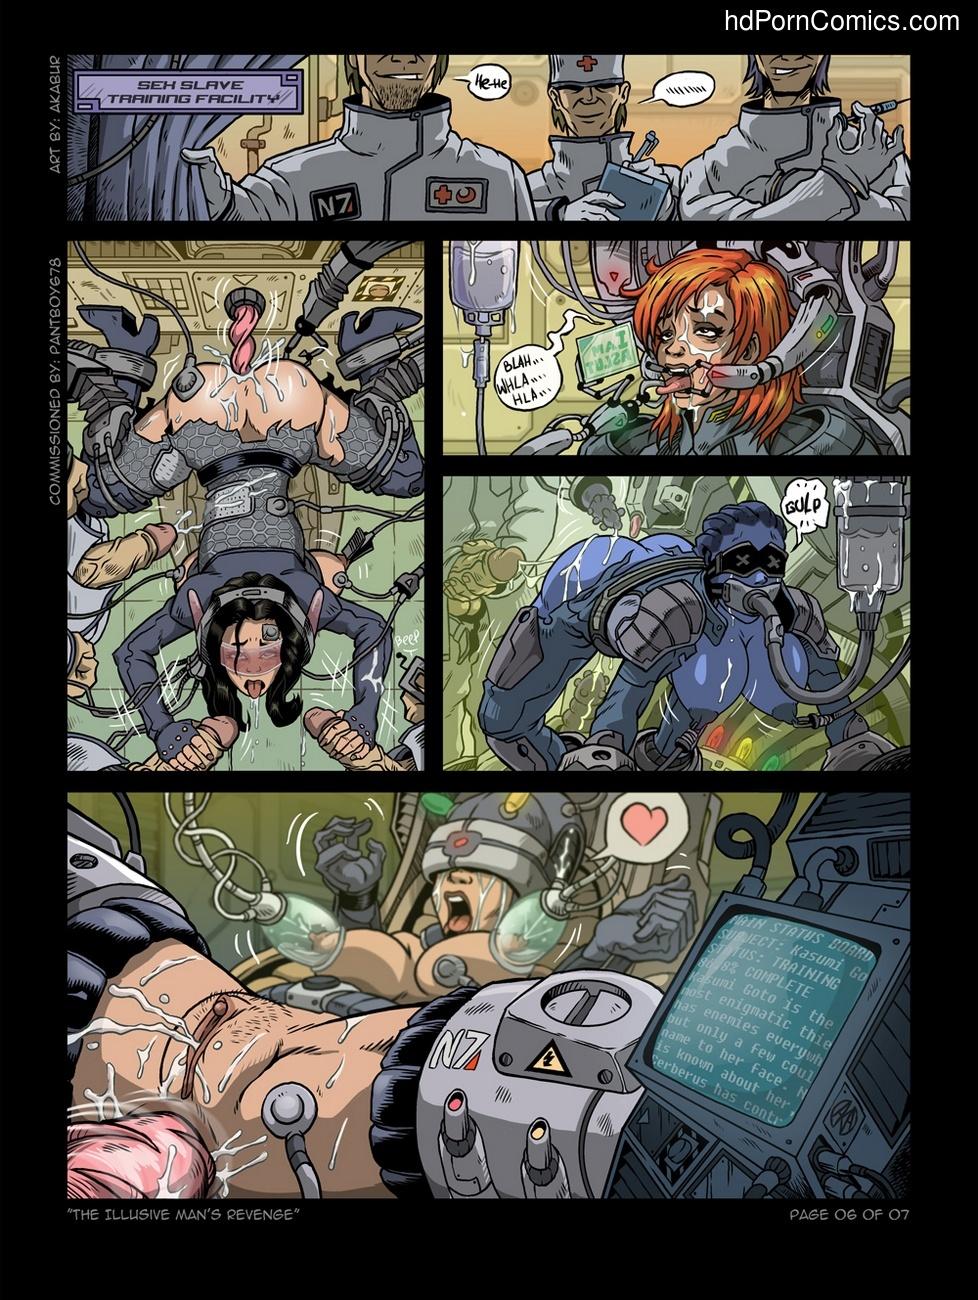 The Illusive Man's Revenge 7 free sex comic